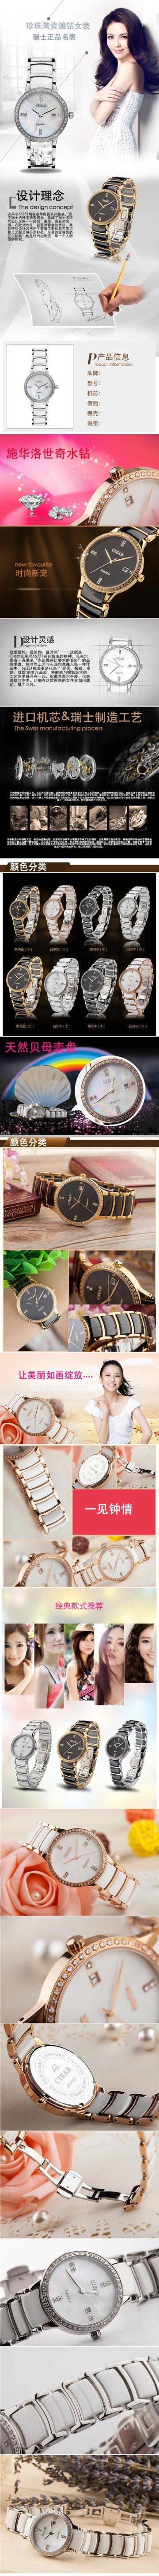 灰色简约时尚手表电商宣传营销宝贝详情